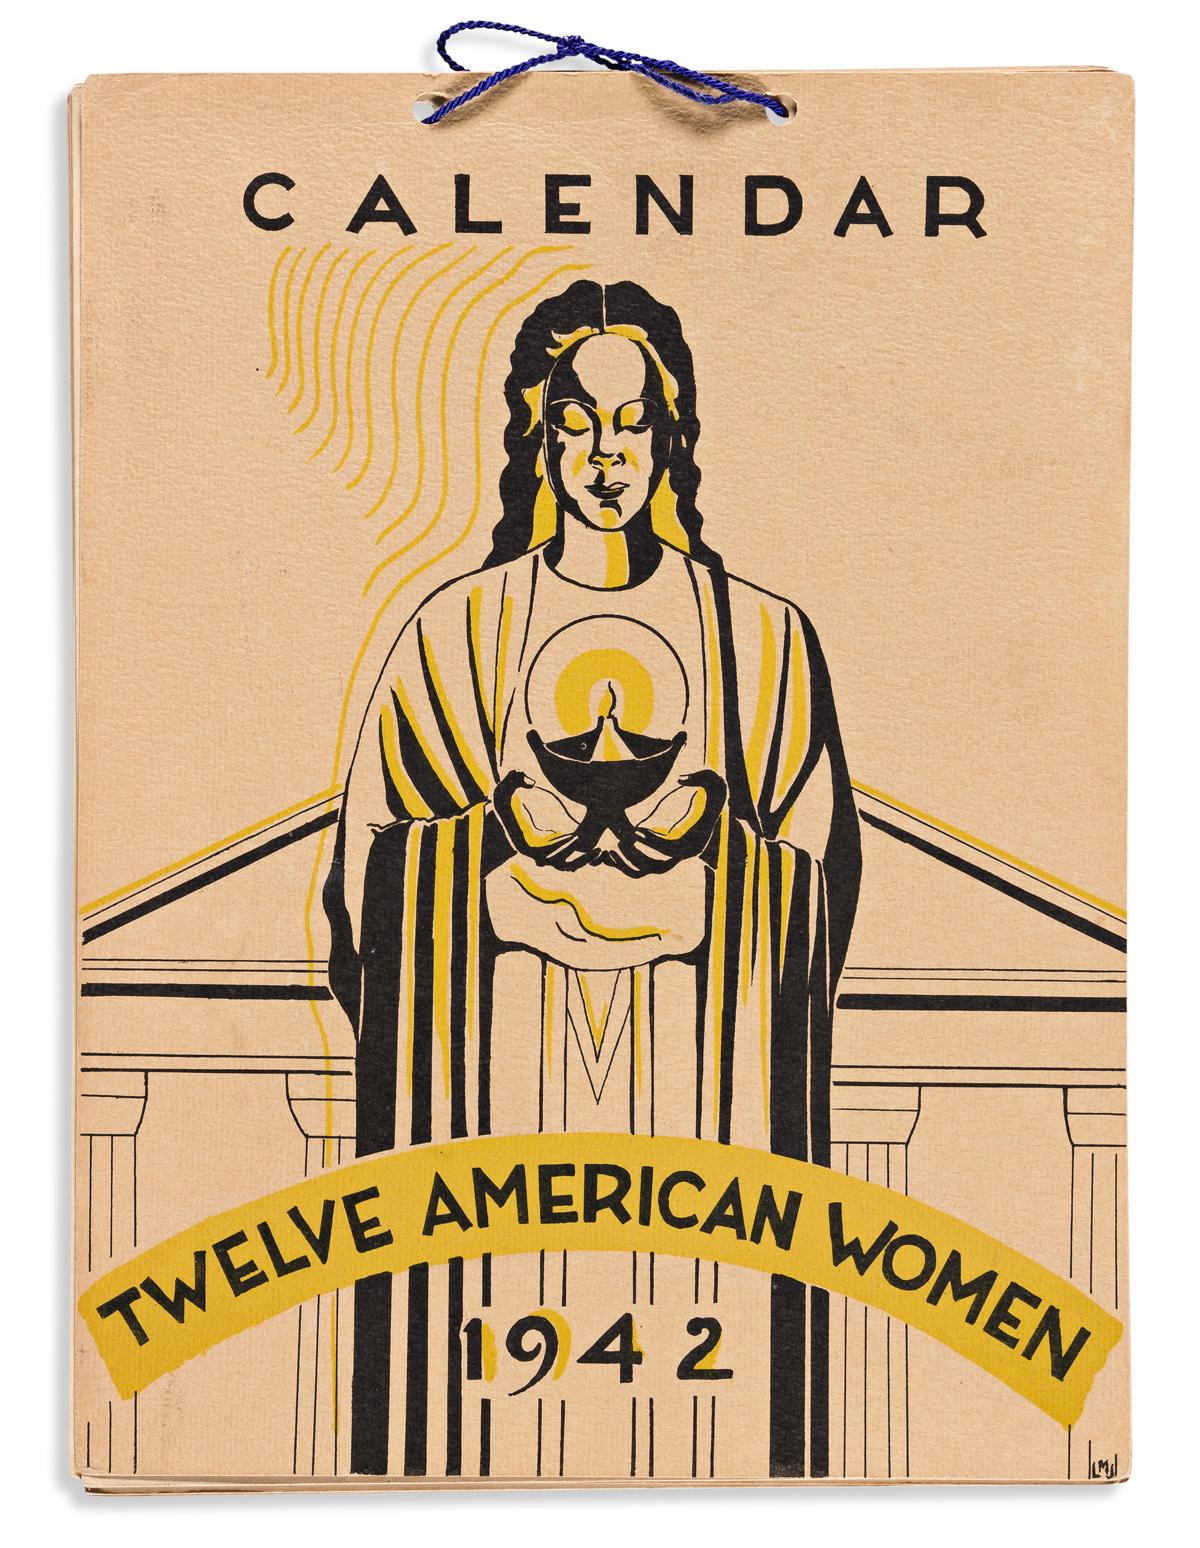 (ART.) Loïs Mailou Jones, artist. Calendar: Twelve American Women, 1942.